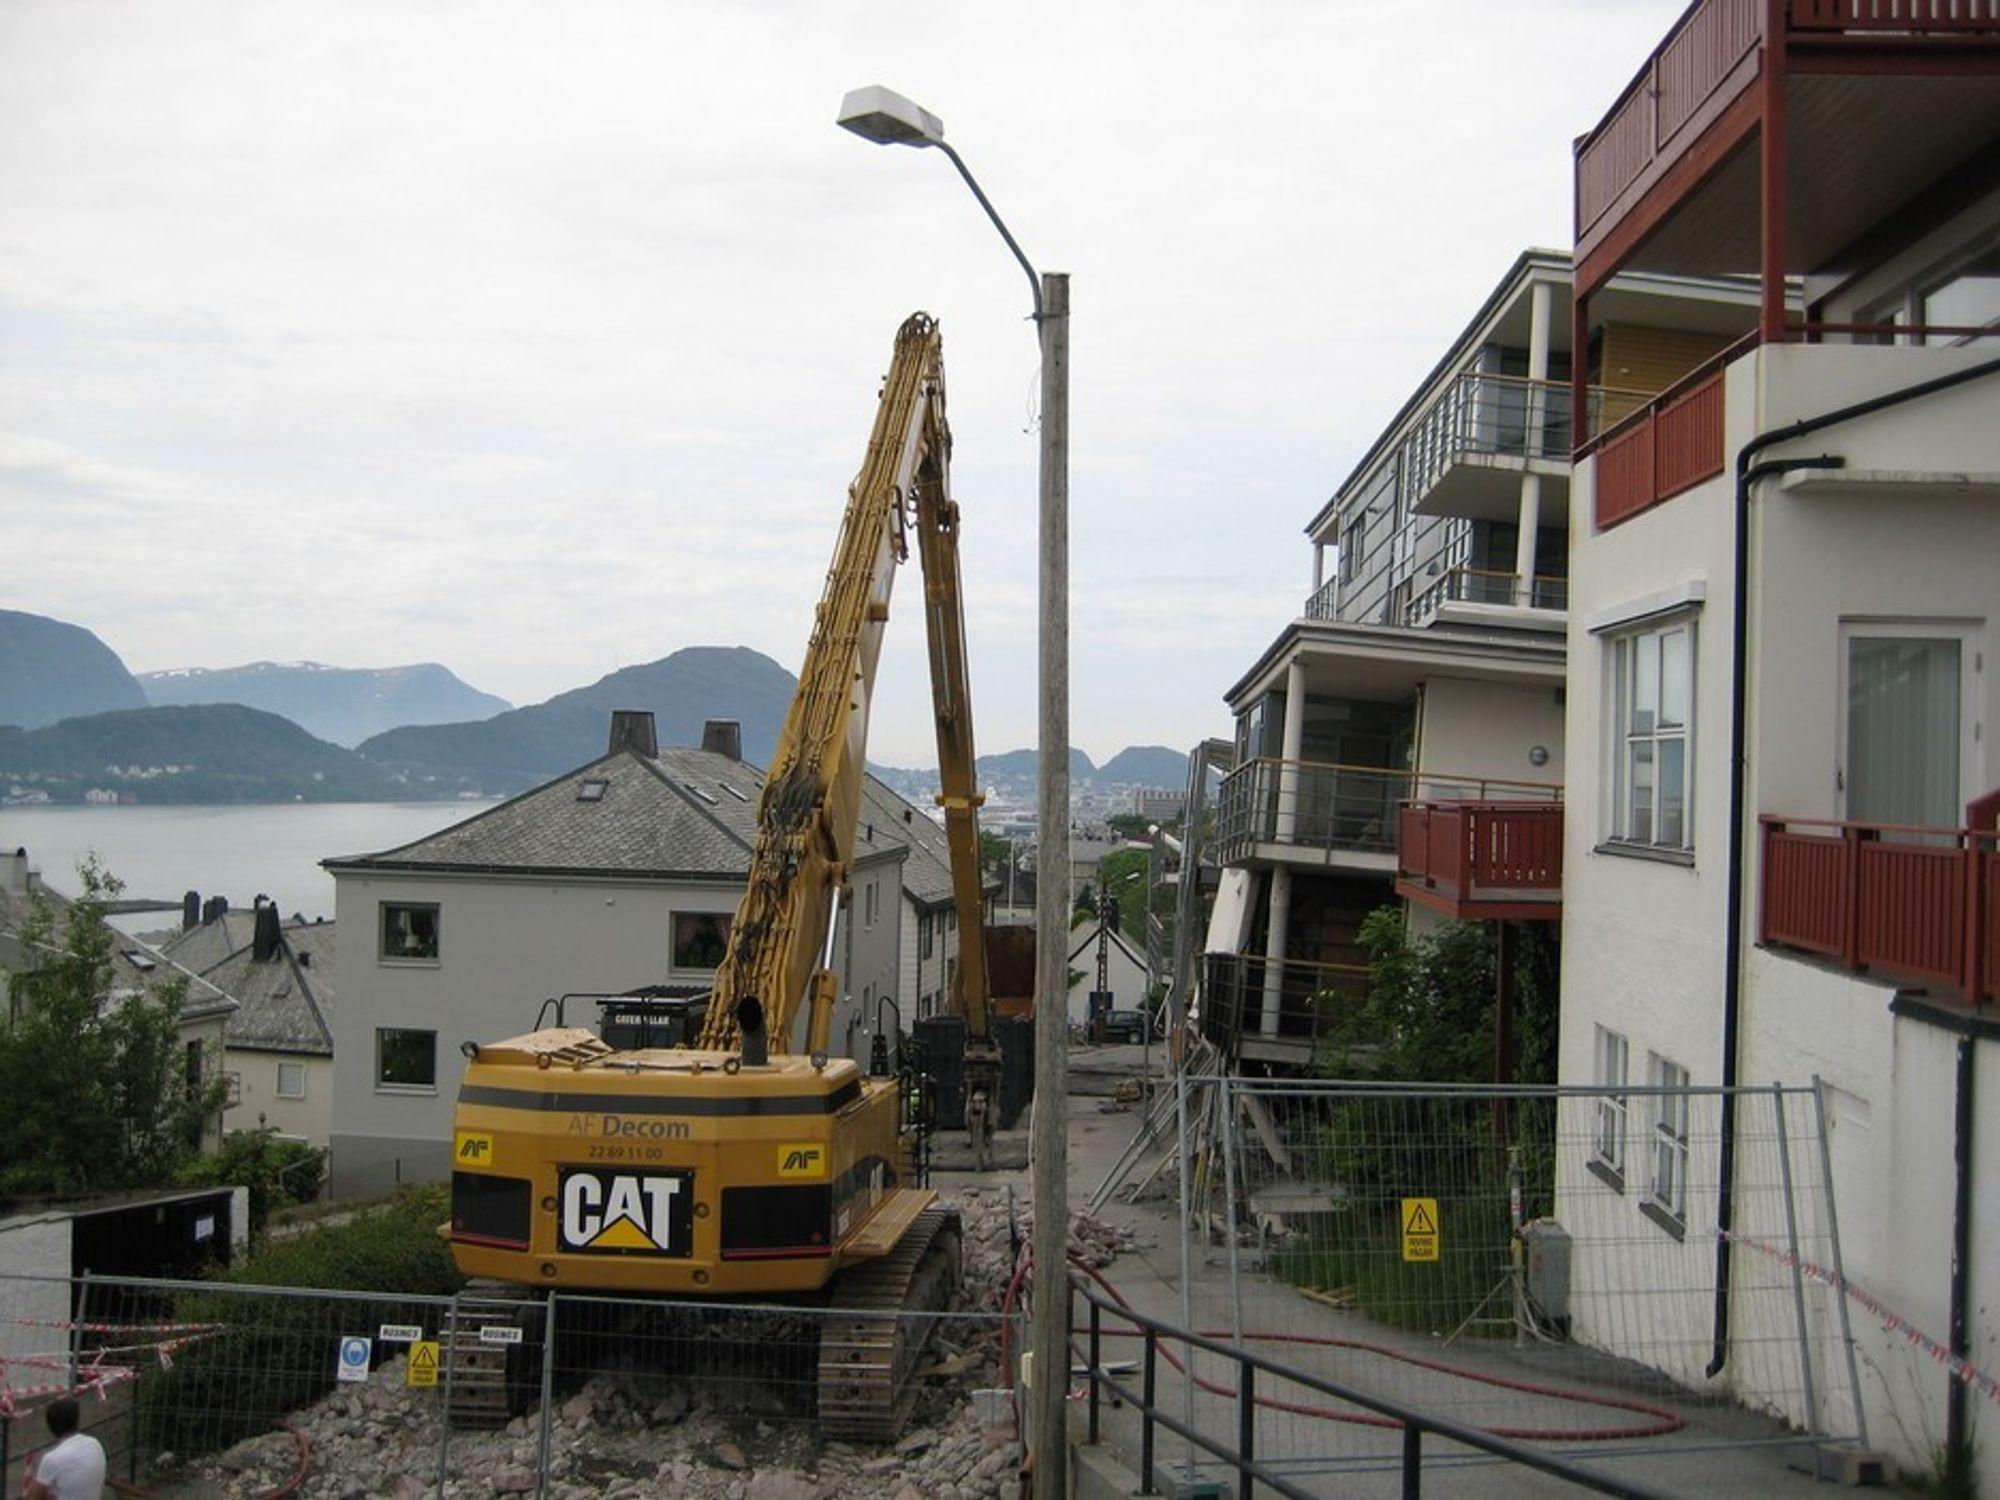 Blokka i Fjelltunvegen 31 skal rives etasje for etasje.